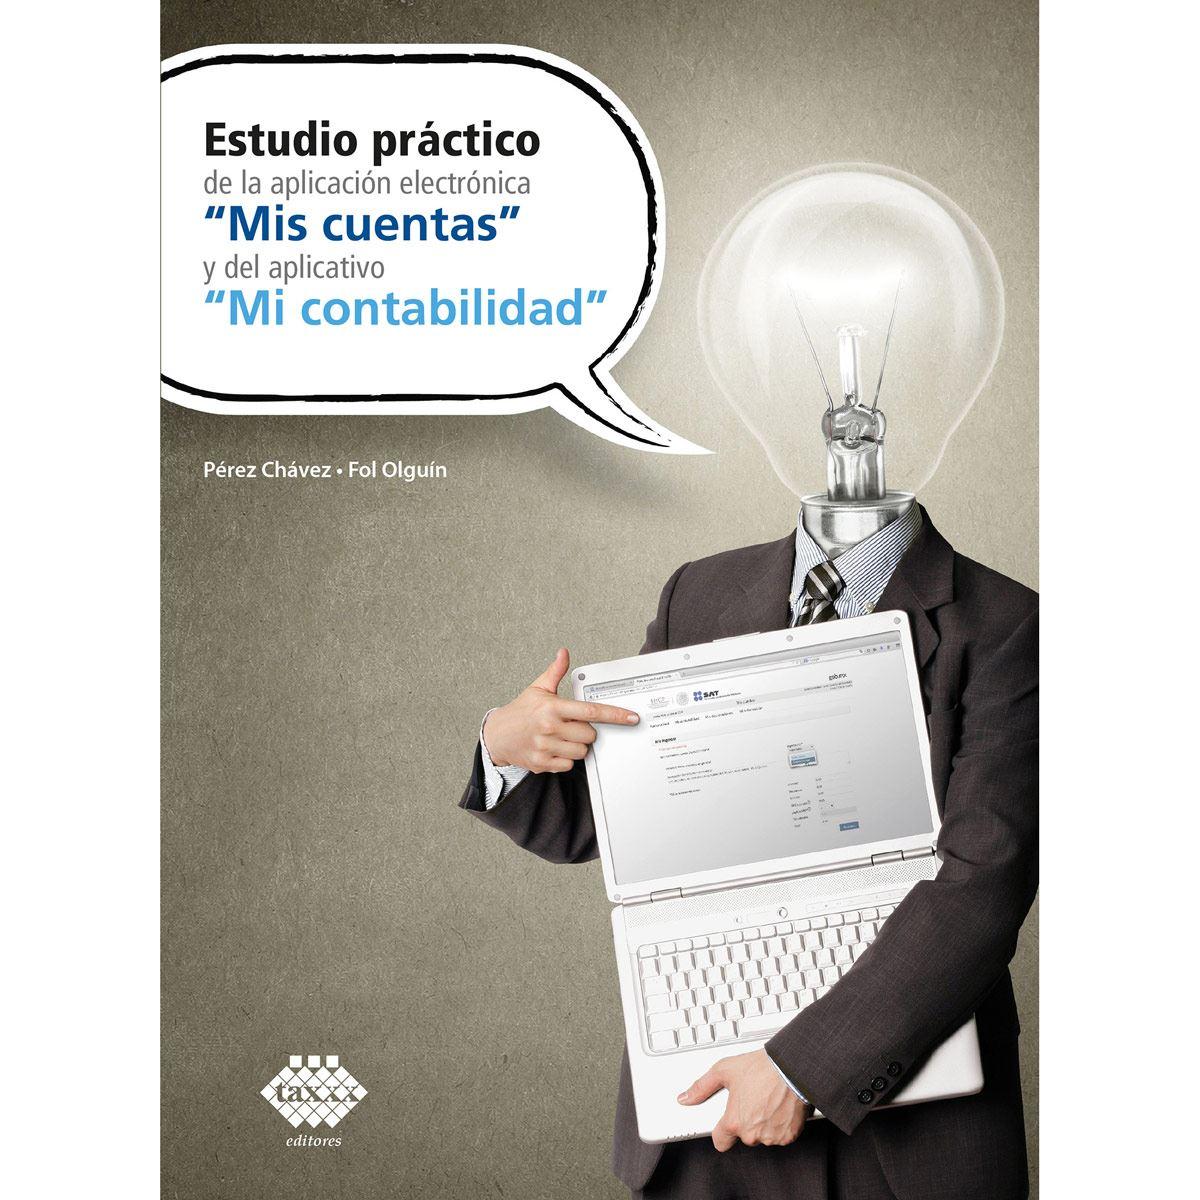 """Estudio práctico de la aplicación electrónica """"Mis cuentas"""" y del aplicativo """"Mi contabilidad"""""""